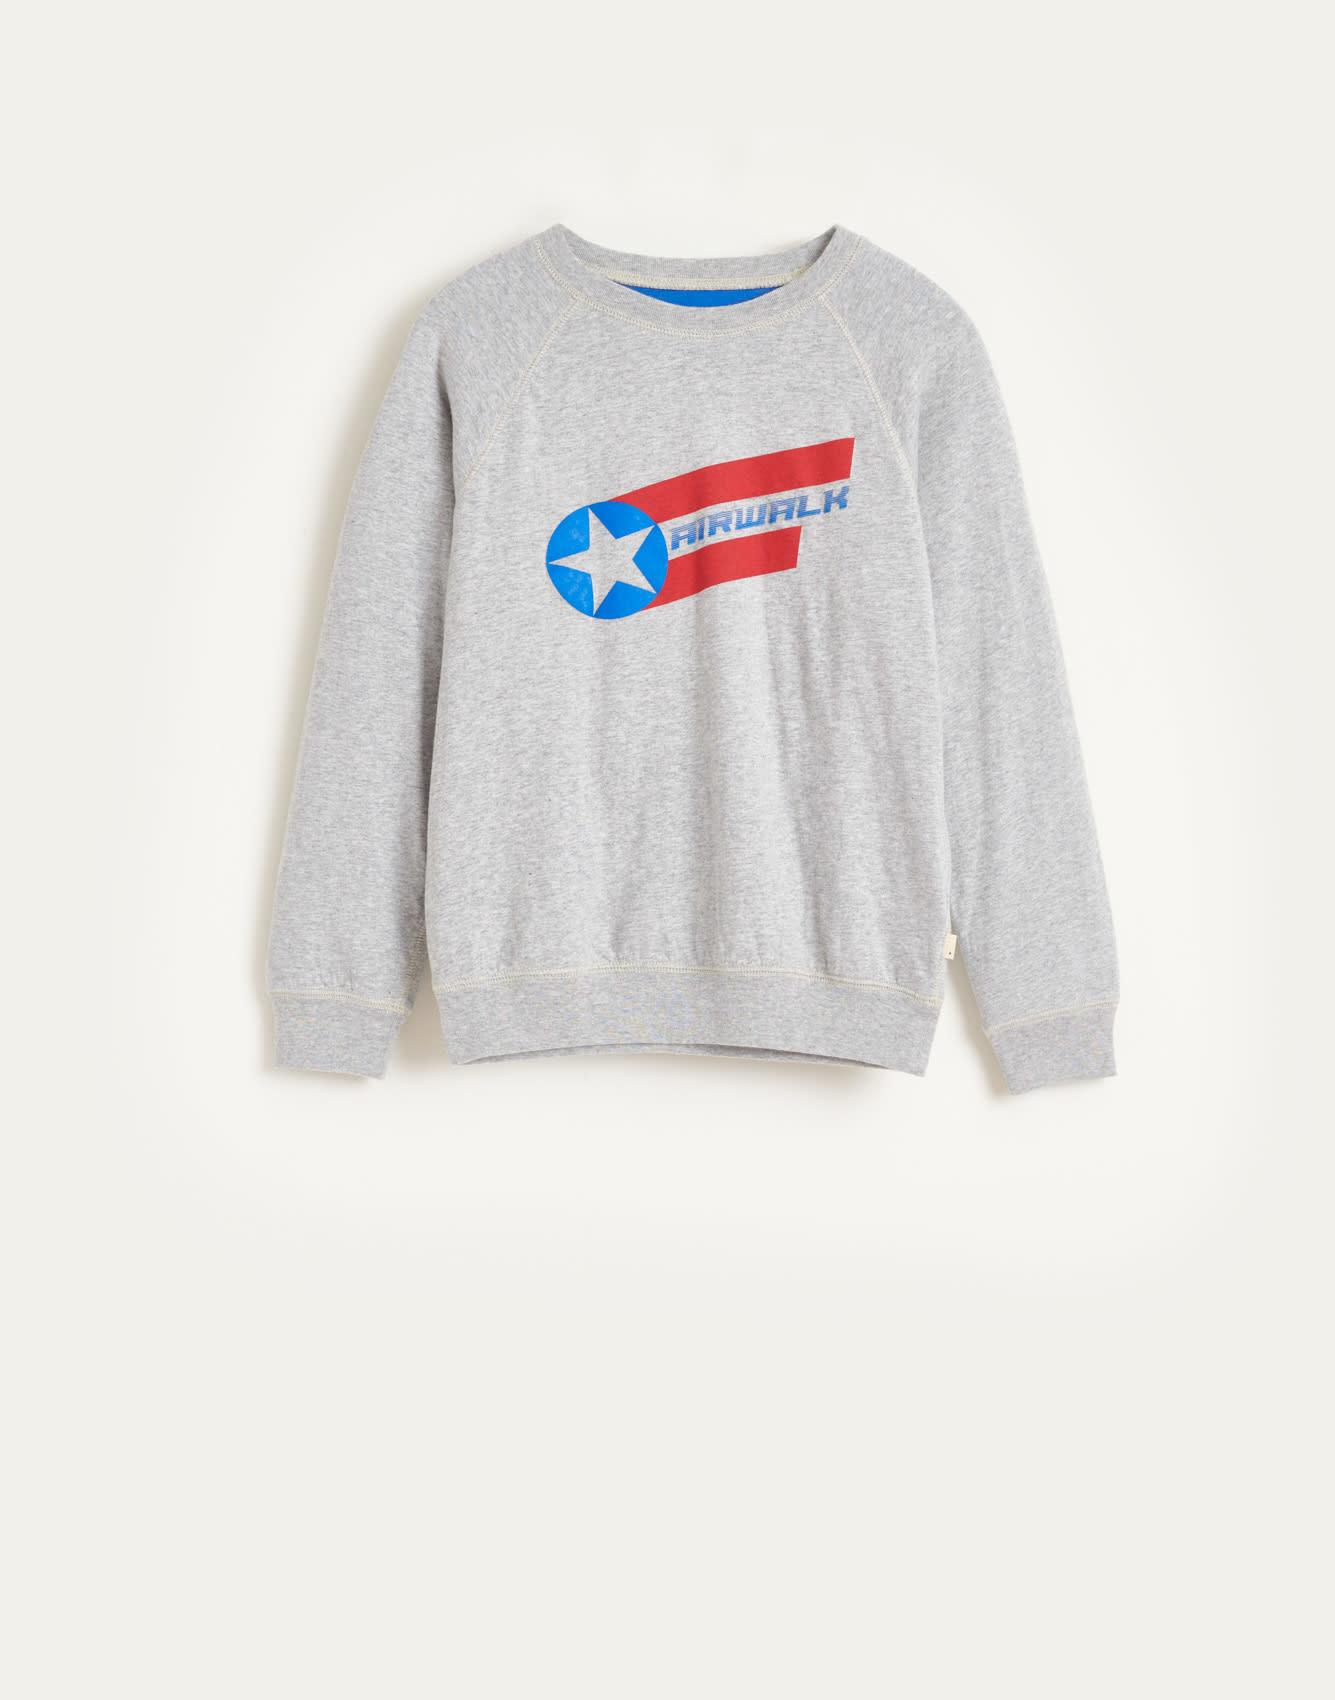 Maly sweatshirt combo-1